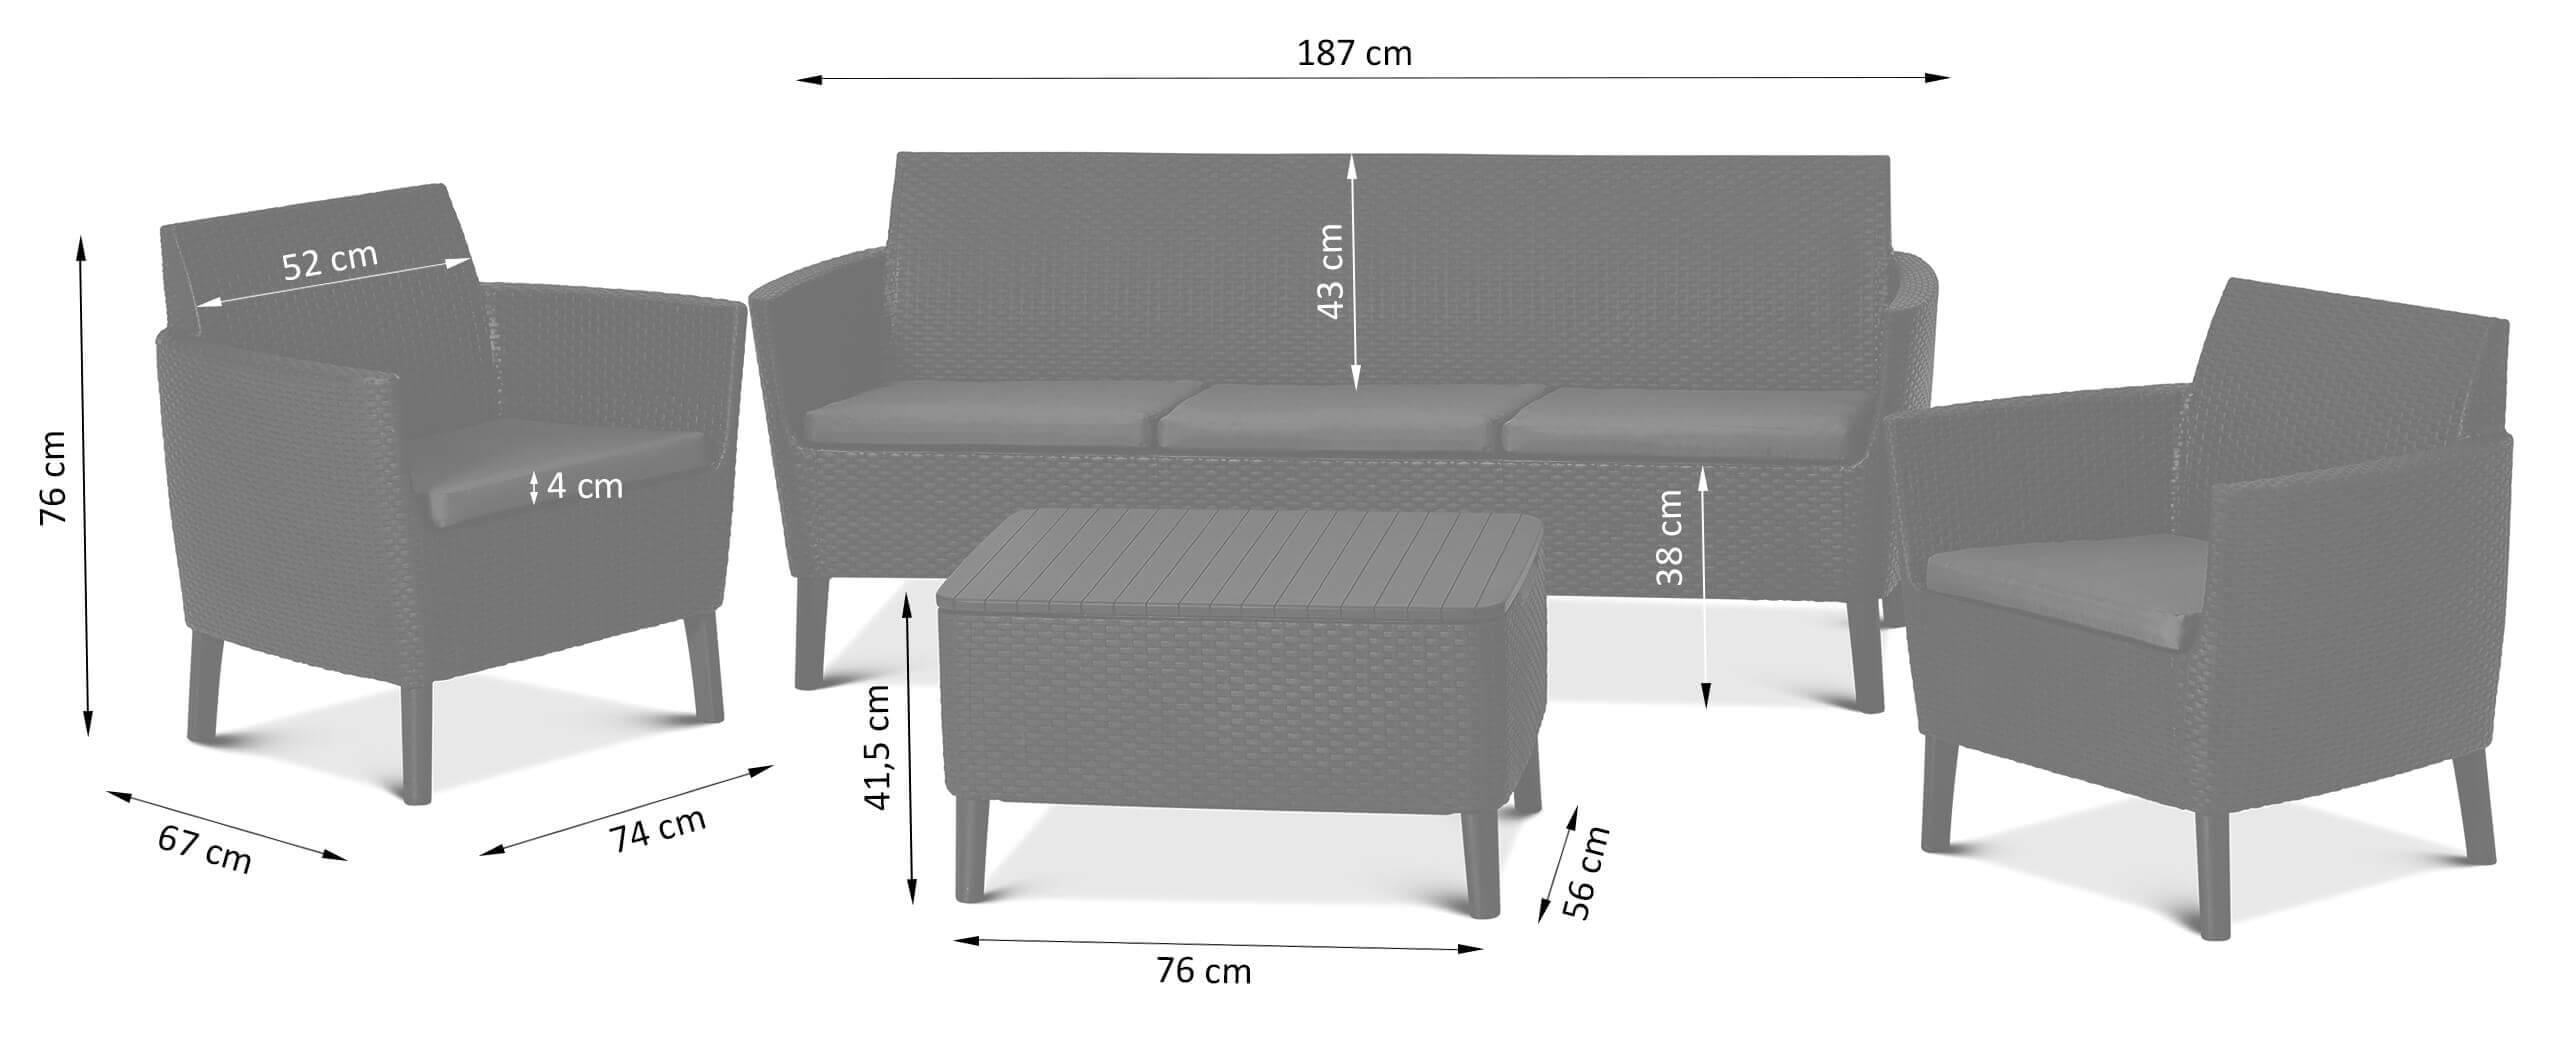 Wymiary mebli tarasowych Salemo z sofą 3 osobową